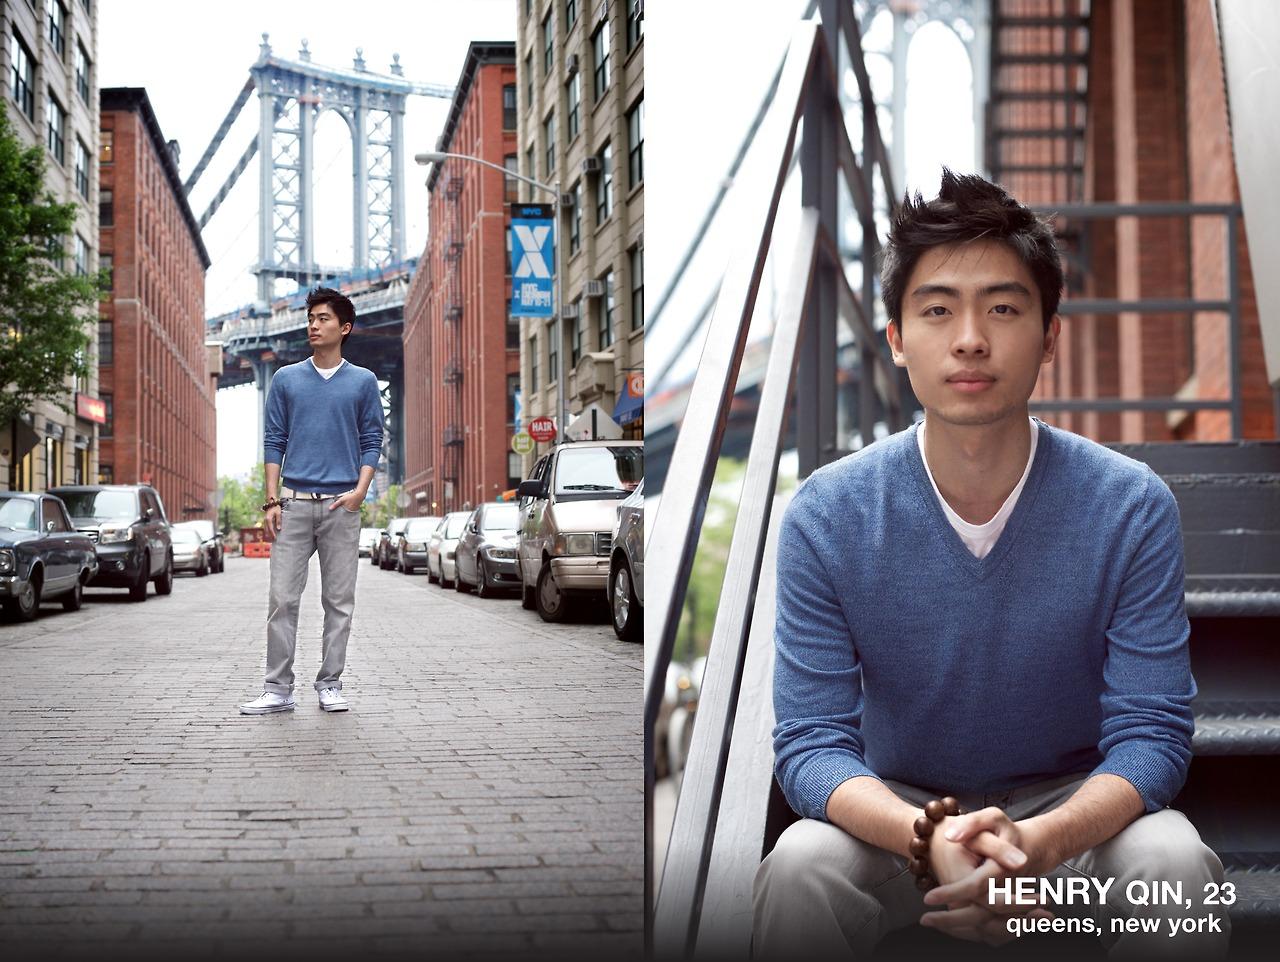 2013-07-26-HenryQin.png